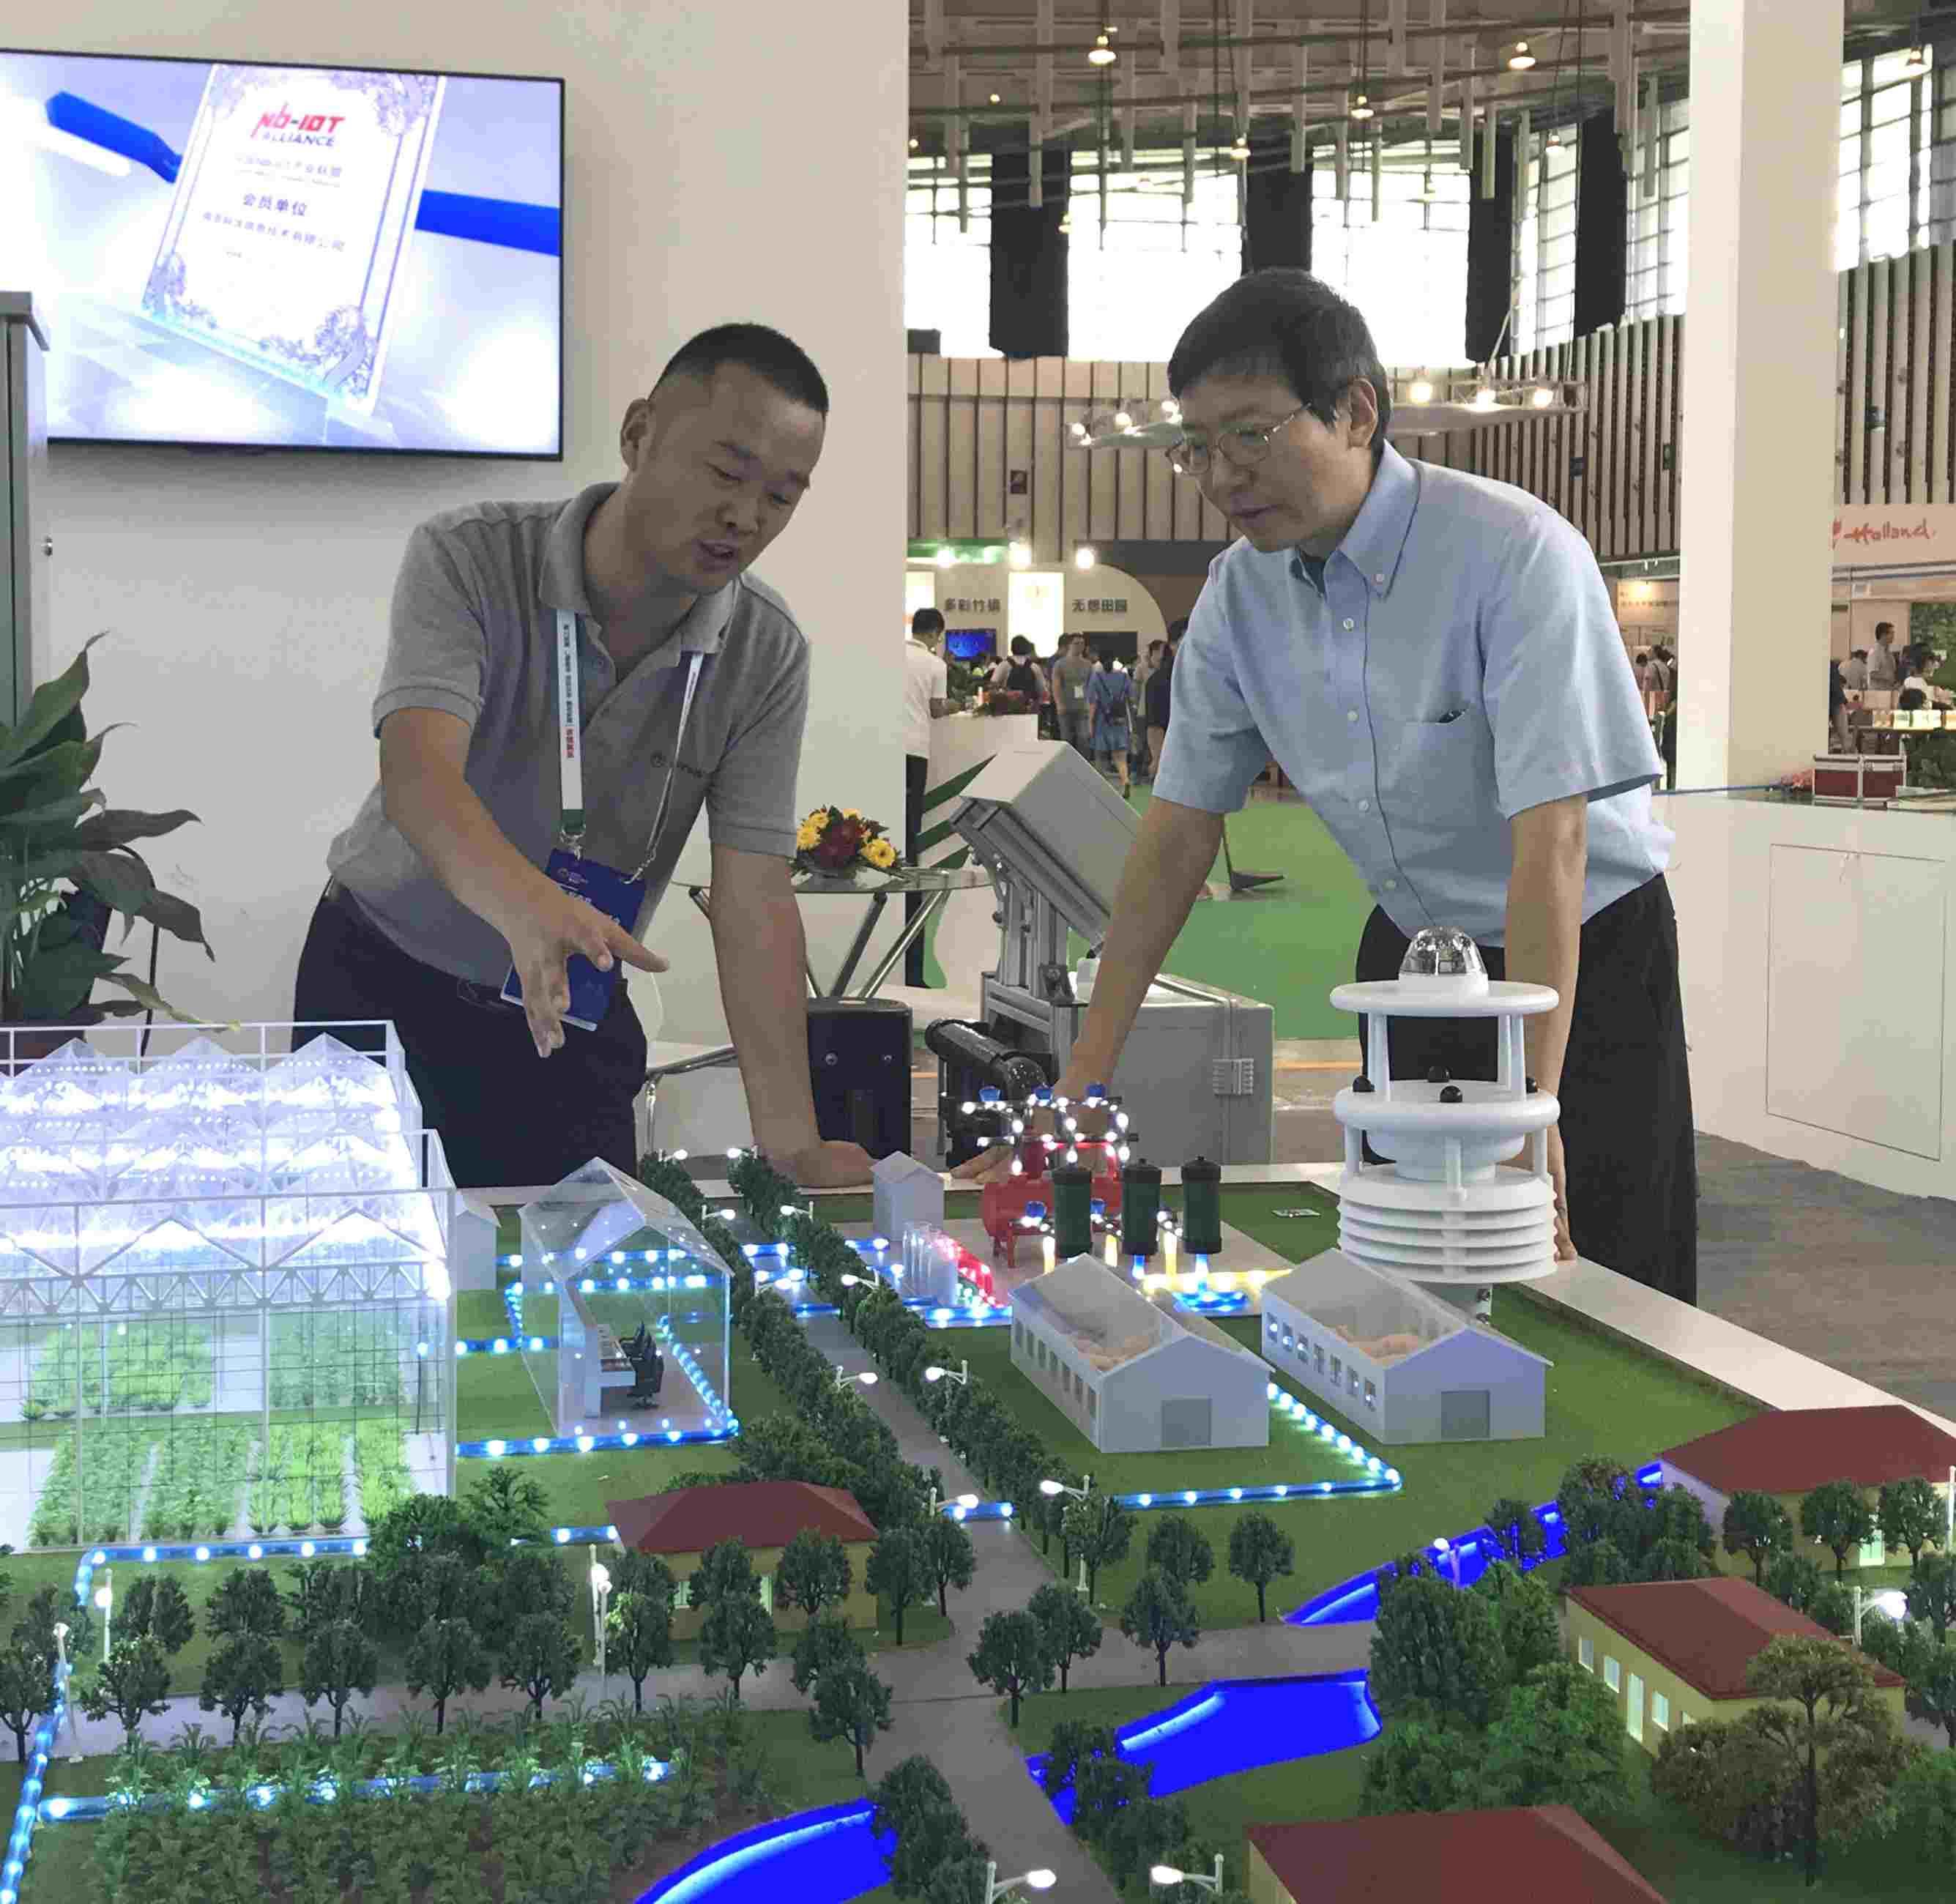 加拿大工程院 院士凌晓峰和苗总沟通智慧农业场景应用